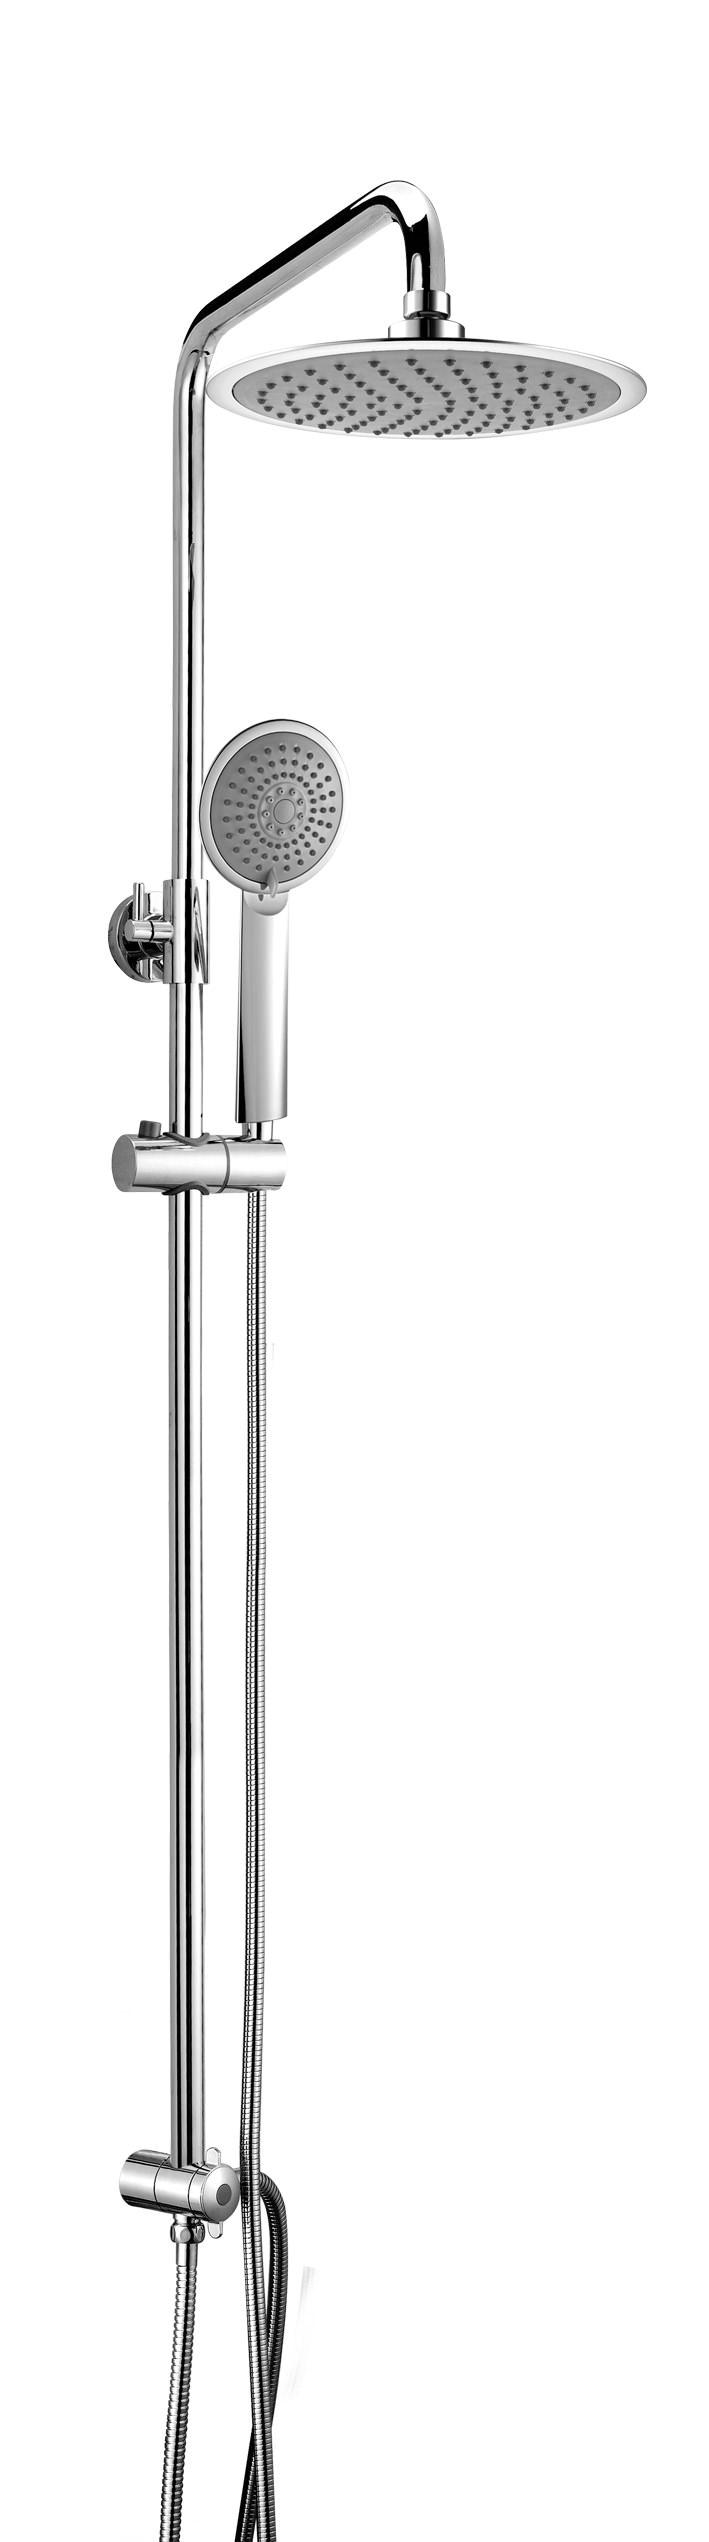 инструкция по подключению гидромассажной ванны акватек бетта